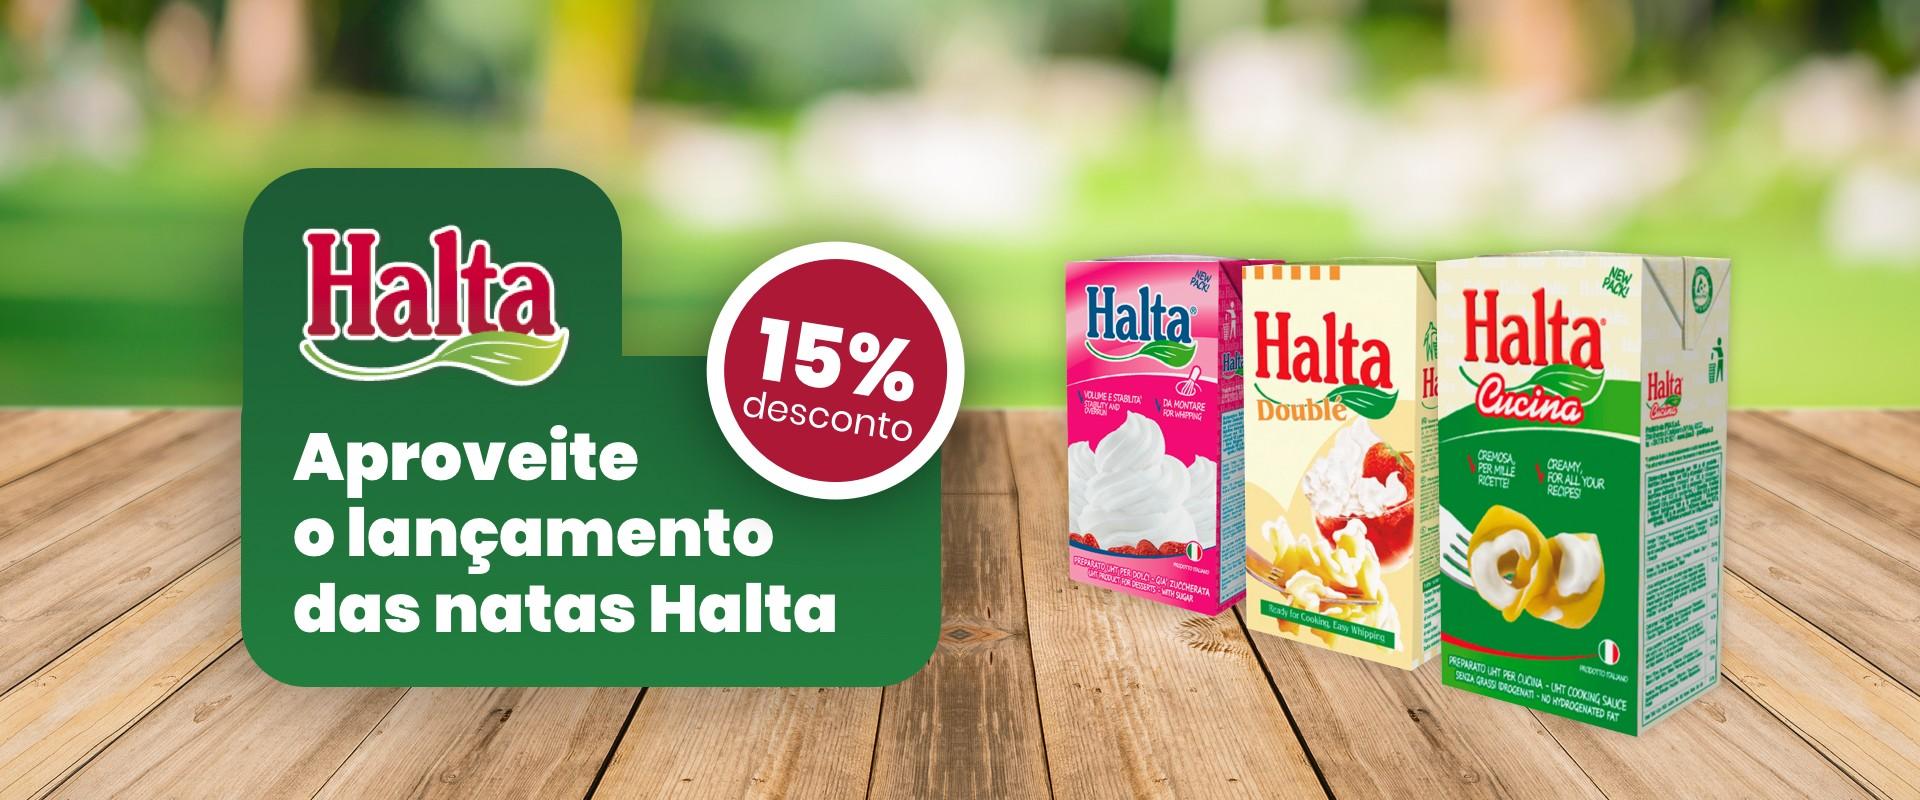 Oferta de lançamento - 15% desconto nas Natas Halta